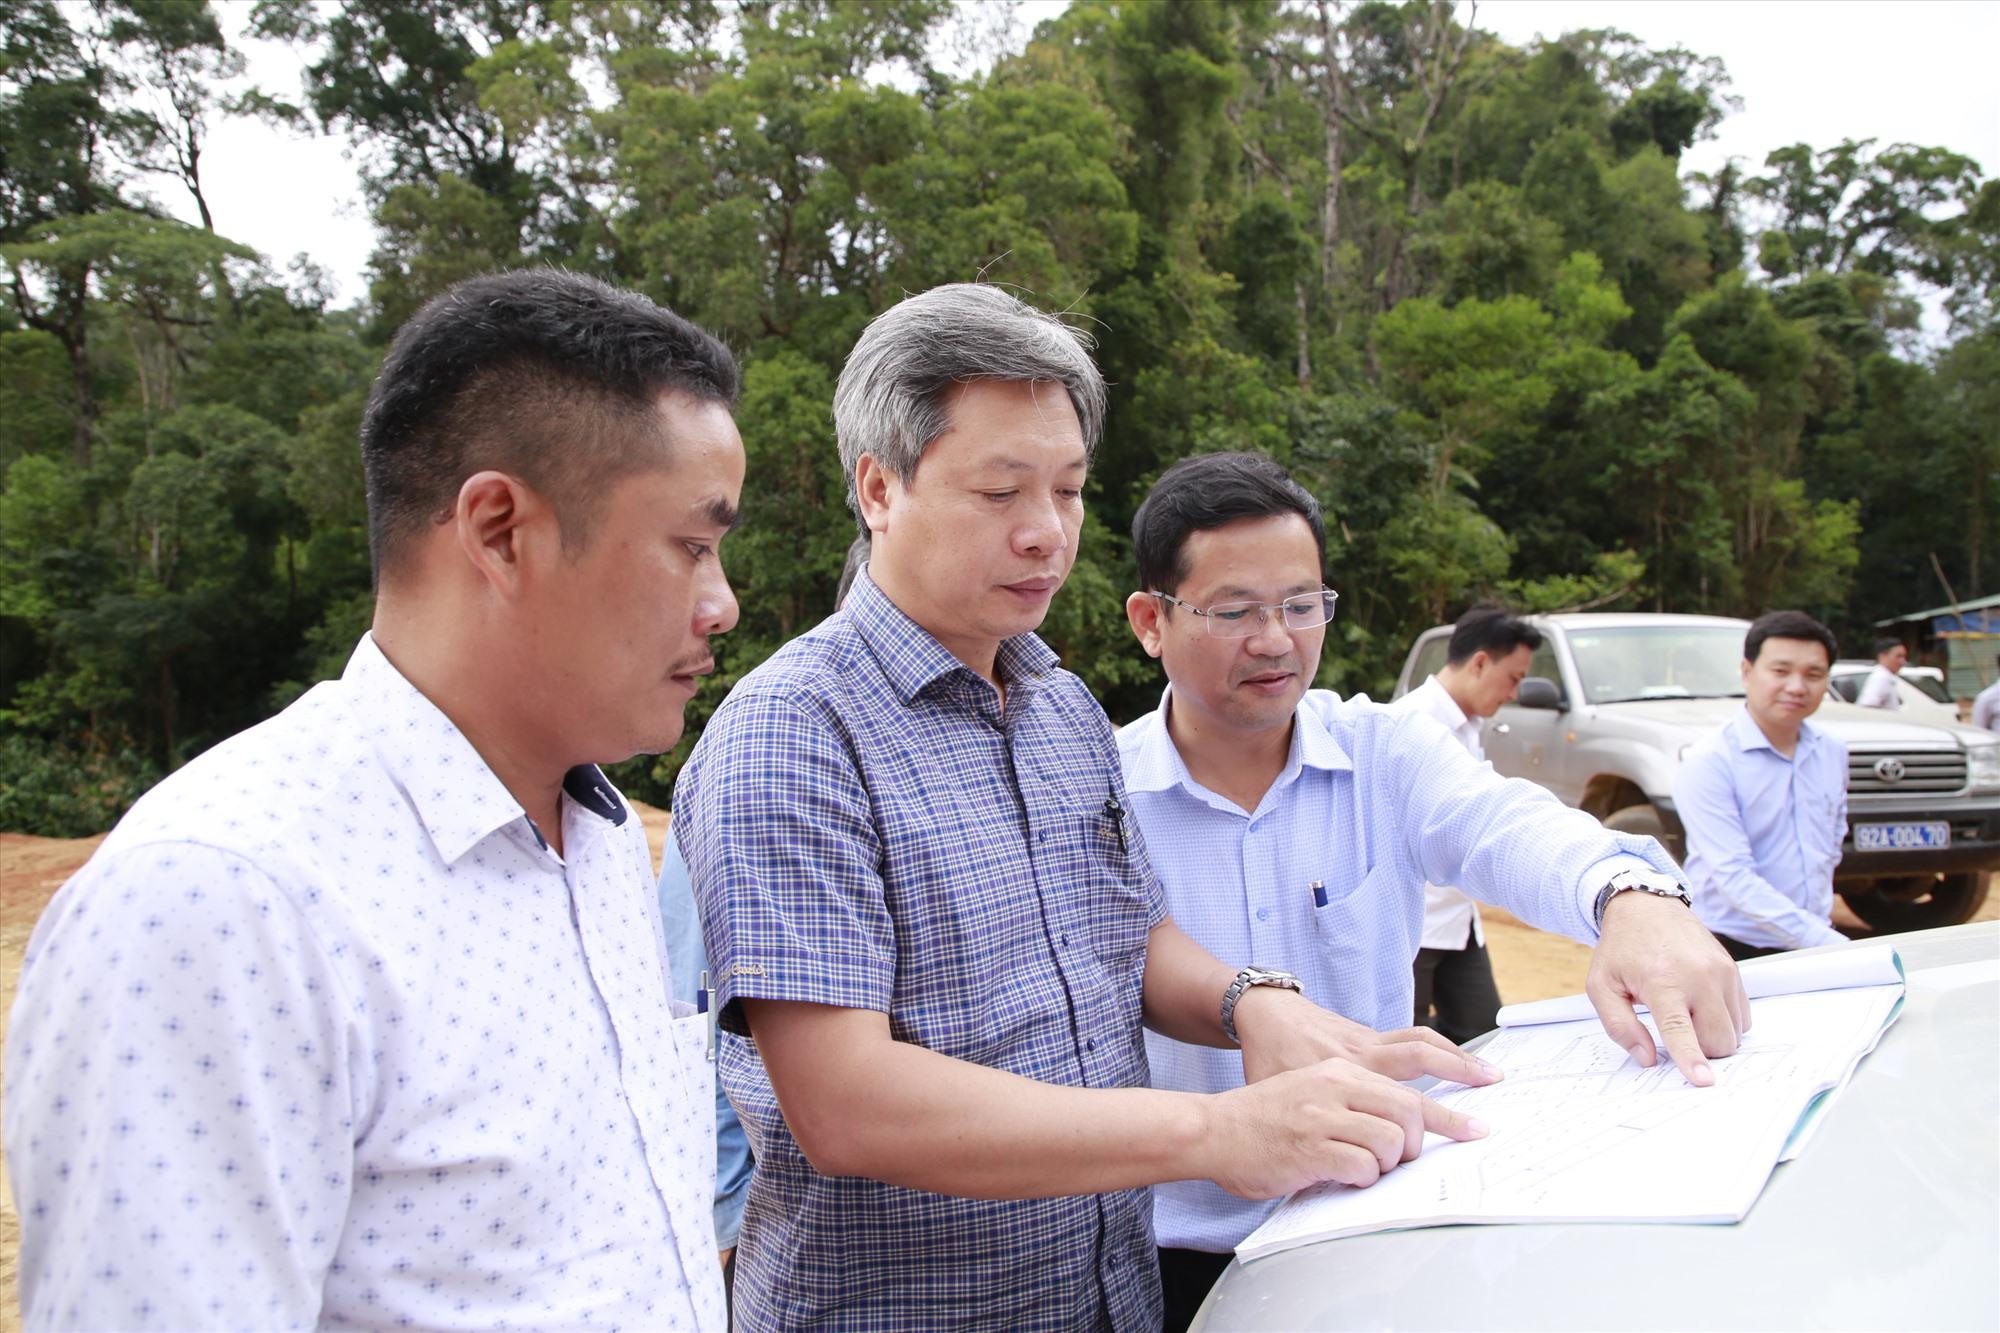 Phó Chủ tịch UBND tỉnh Hồ Quang Bửu trao đổi với lãnh đạo huyện Phước Sơn về tiến độ thực hiện mặt bằng khu tái định cư thôn 3 (thôn 6 cũ) của xã Phước Lộc.